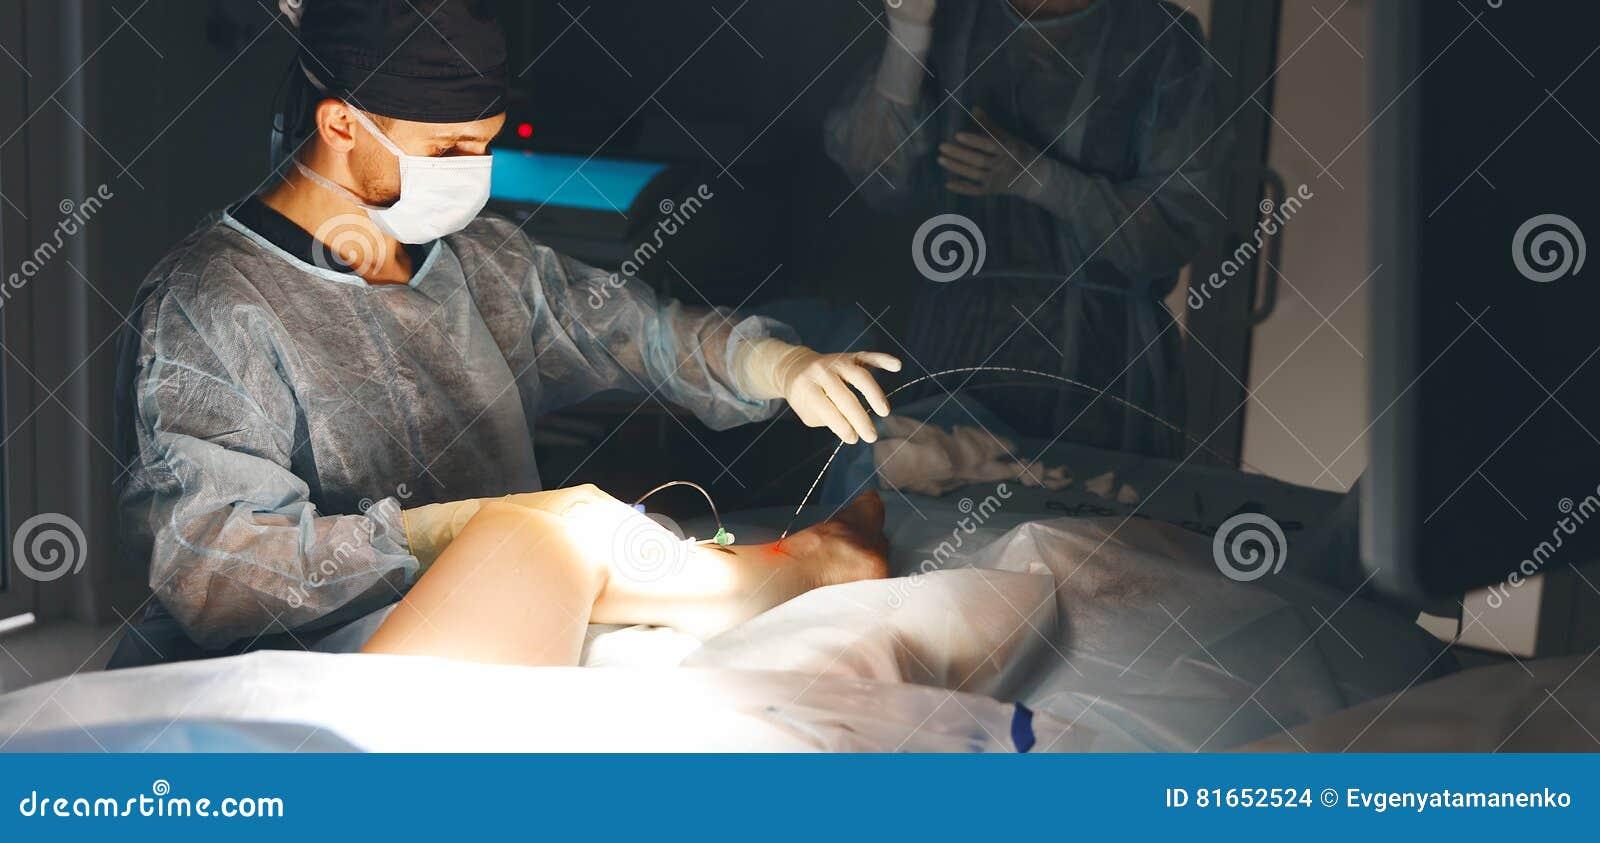 Cuídese en la sala de operaciones para la cirugía vascular venosa quirúrgica